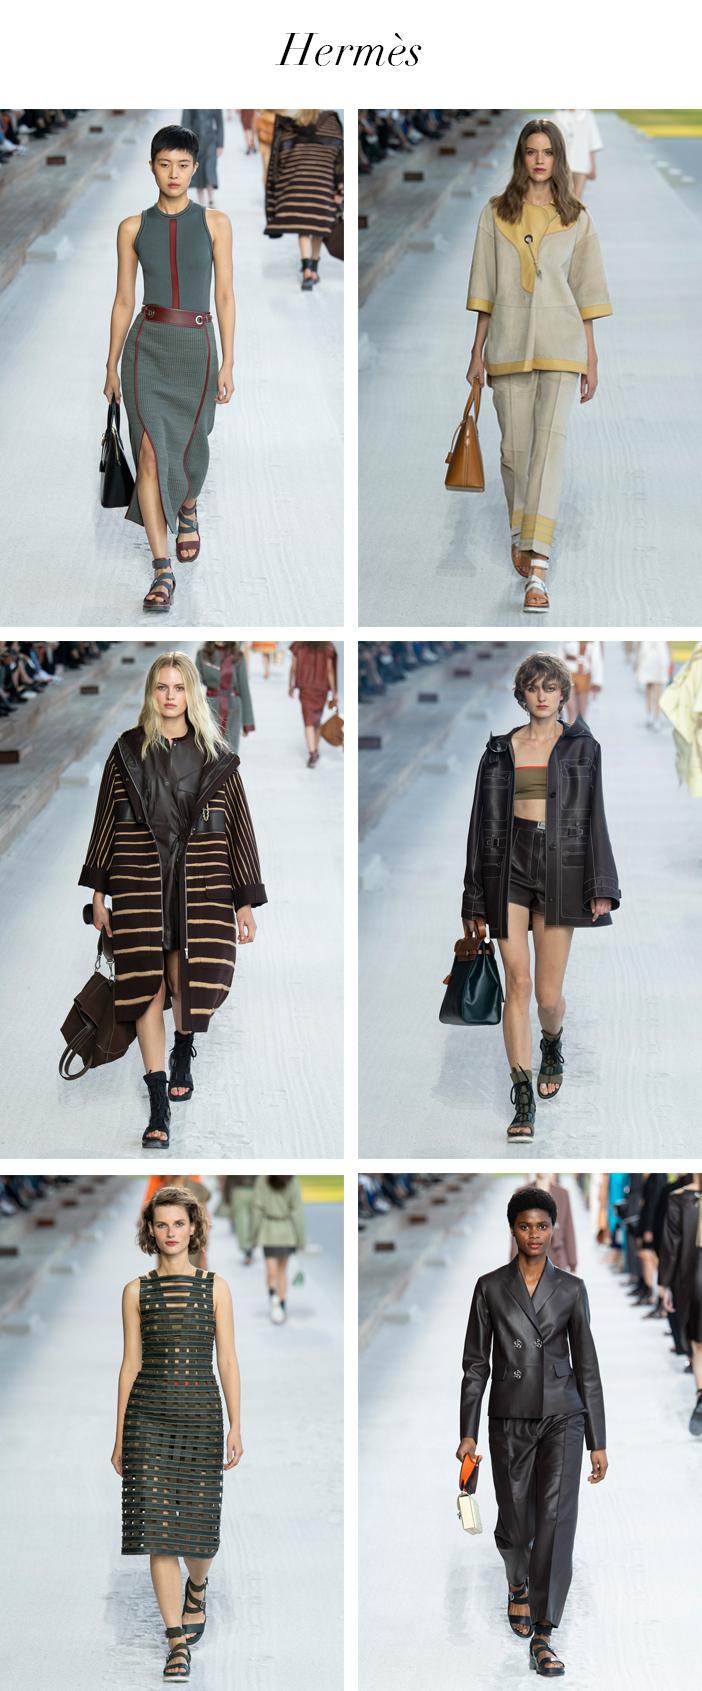 Semana de Moda de Paris - Verão 2019 - Hermès